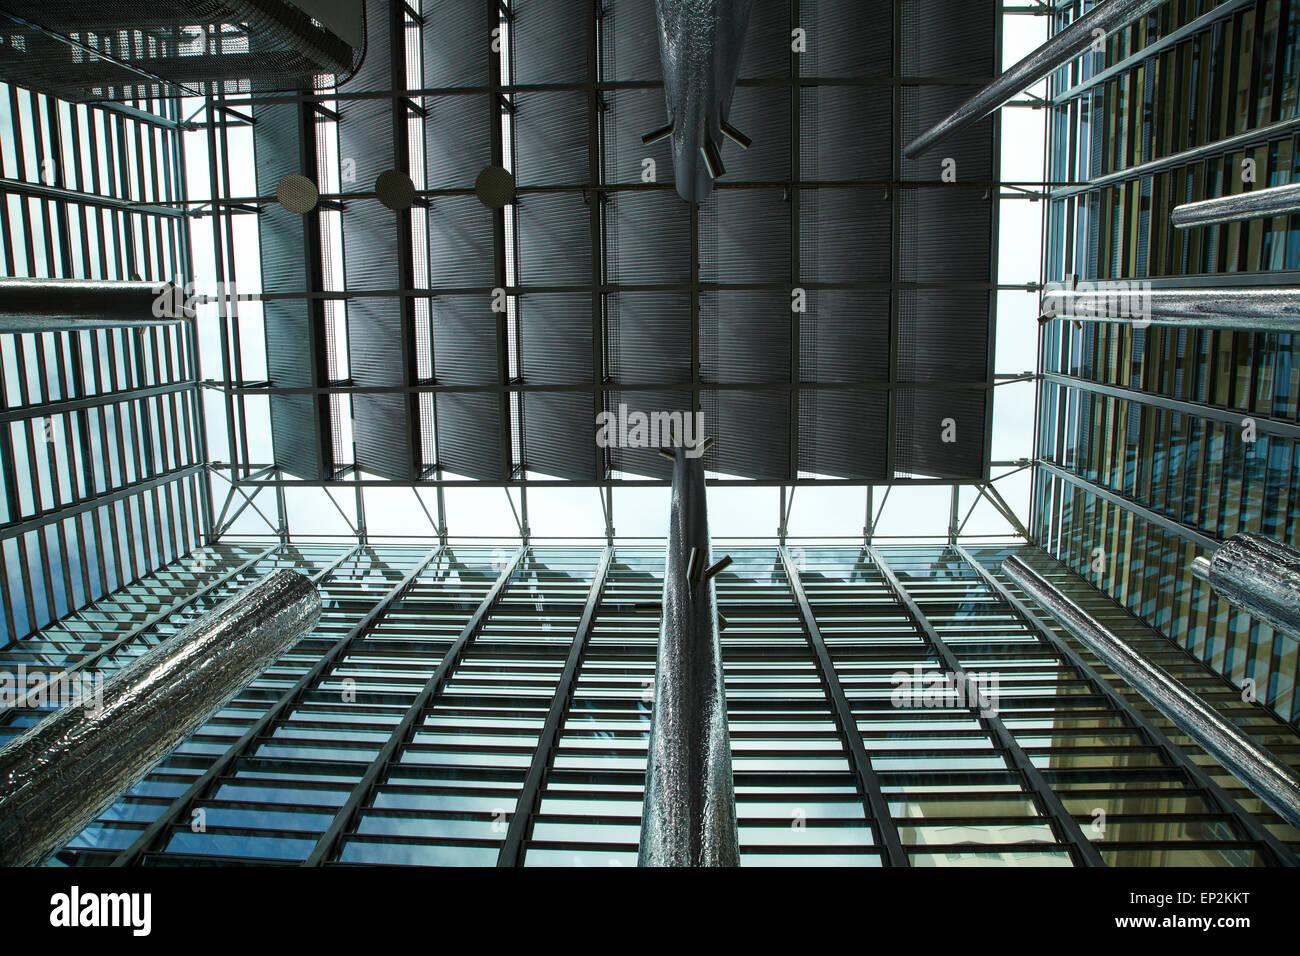 Intérieur de Britomart Transport Centre, Auckland, île du Nord, Nouvelle-Zélande Photo Stock